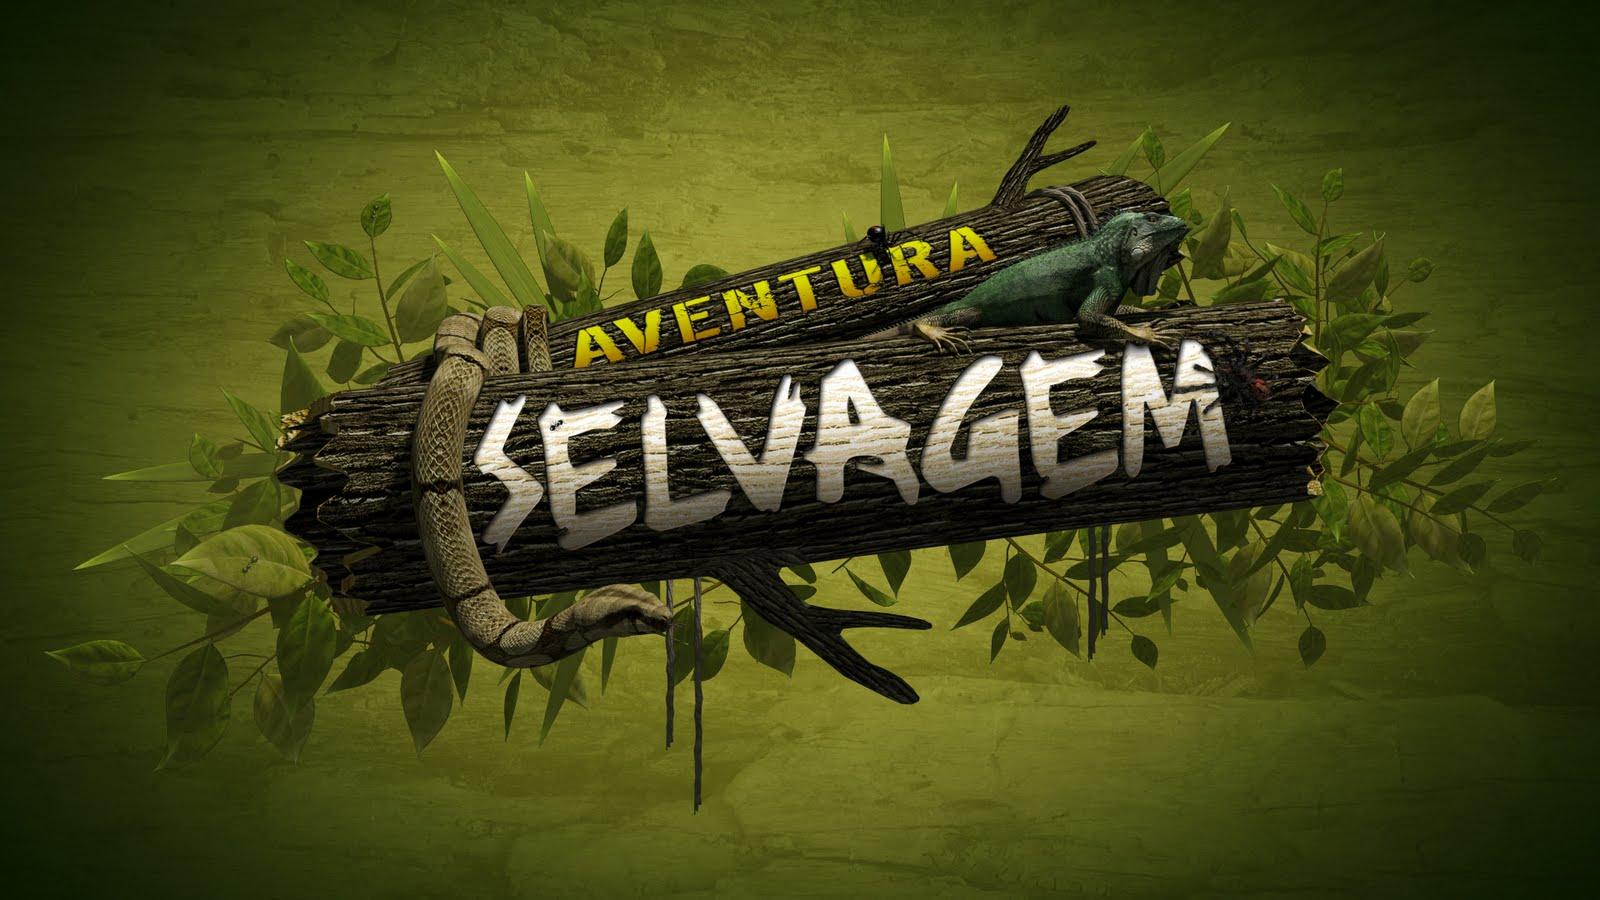 http://2.bp.blogspot.com/_dk5NT-quqpY/THWIF8UPdrI/AAAAAAAAA88/GyDQnvvA2A0/s1600/aventura-selvagem.jpg